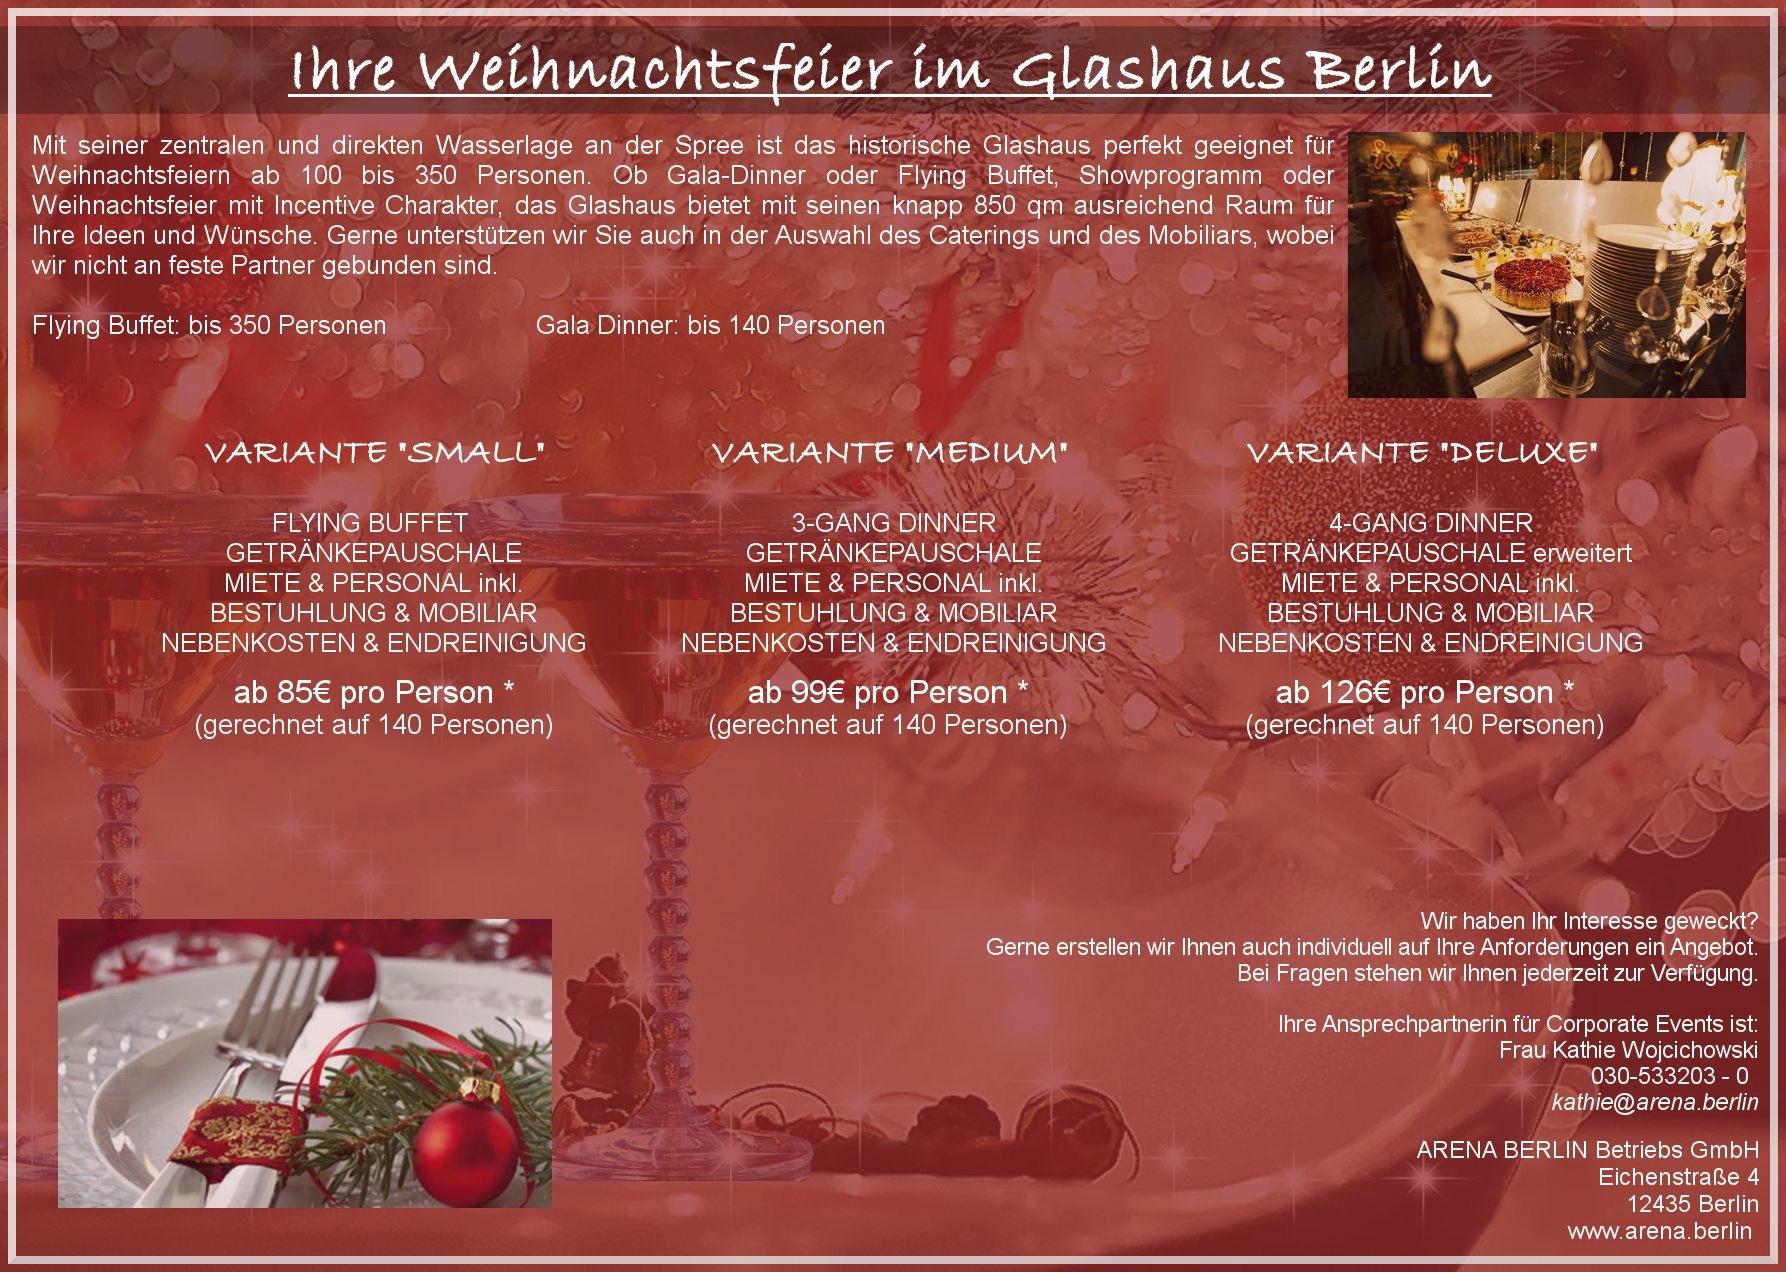 ihre weihnachtsfeier im glashaus berlin arena berlin. Black Bedroom Furniture Sets. Home Design Ideas